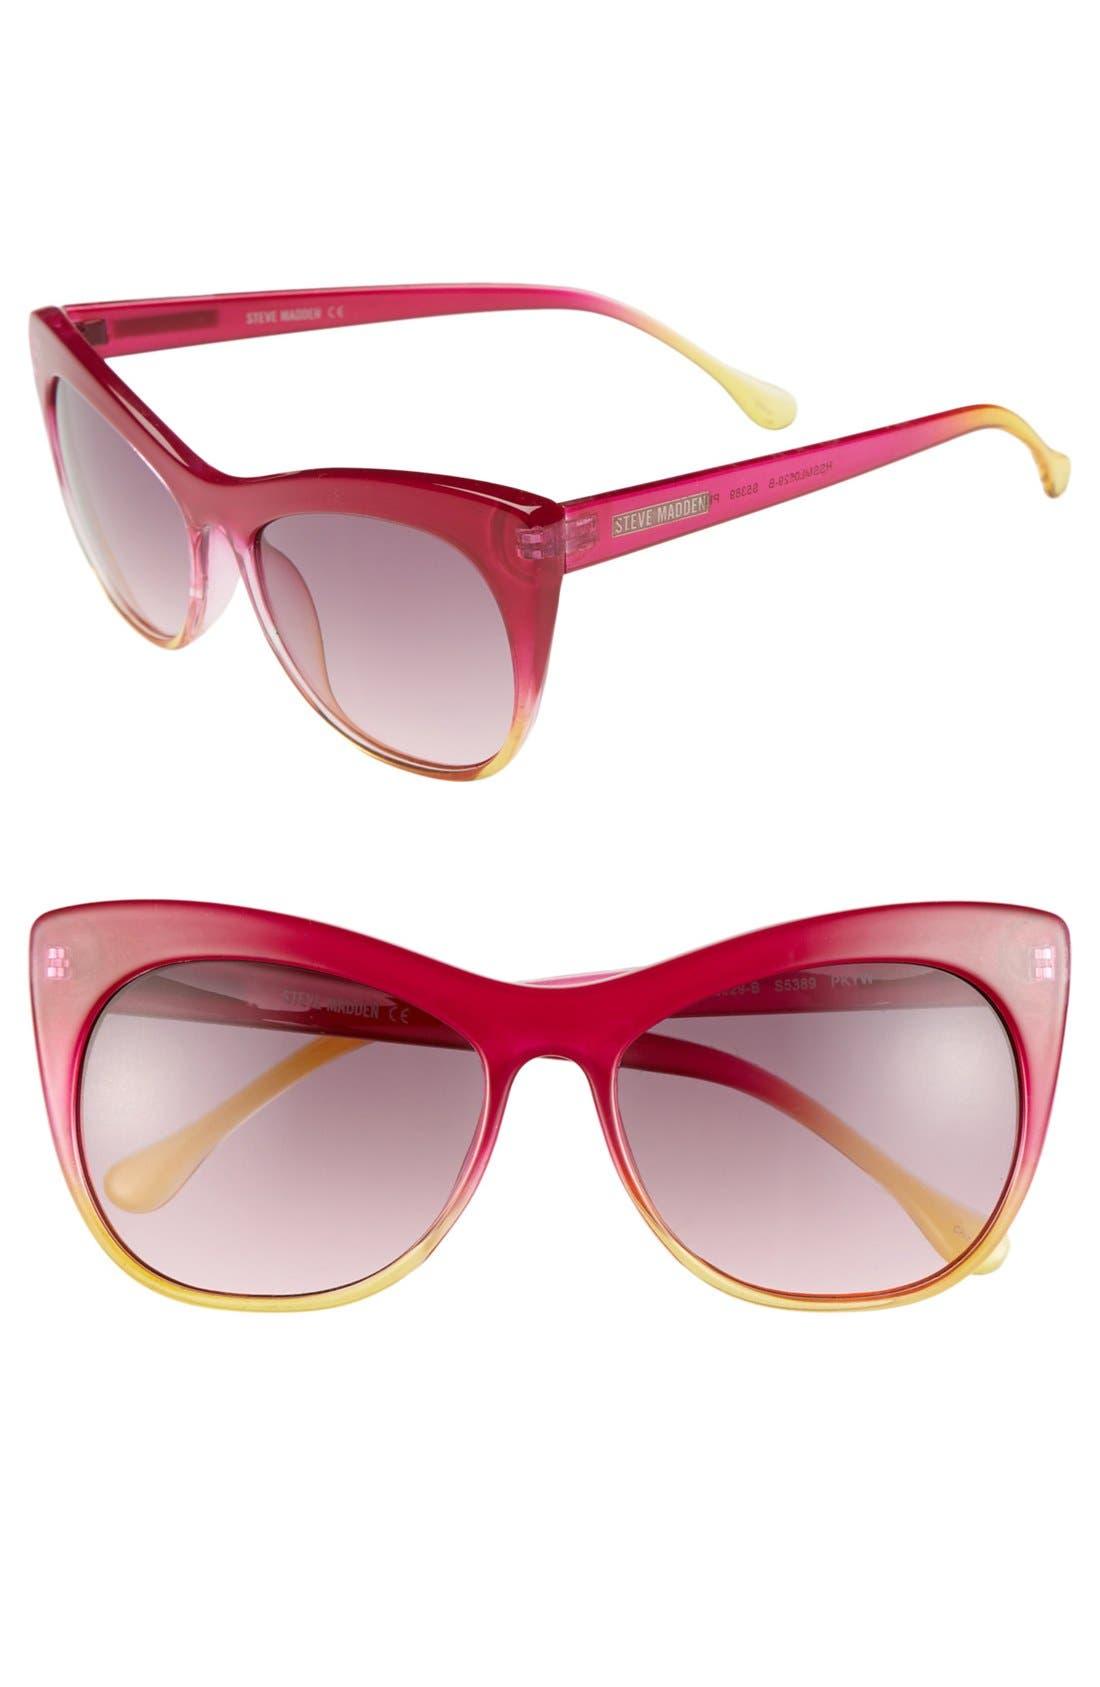 Alternate Image 1 Selected - Steve Madden 55mm Cat Eye Sunglasses